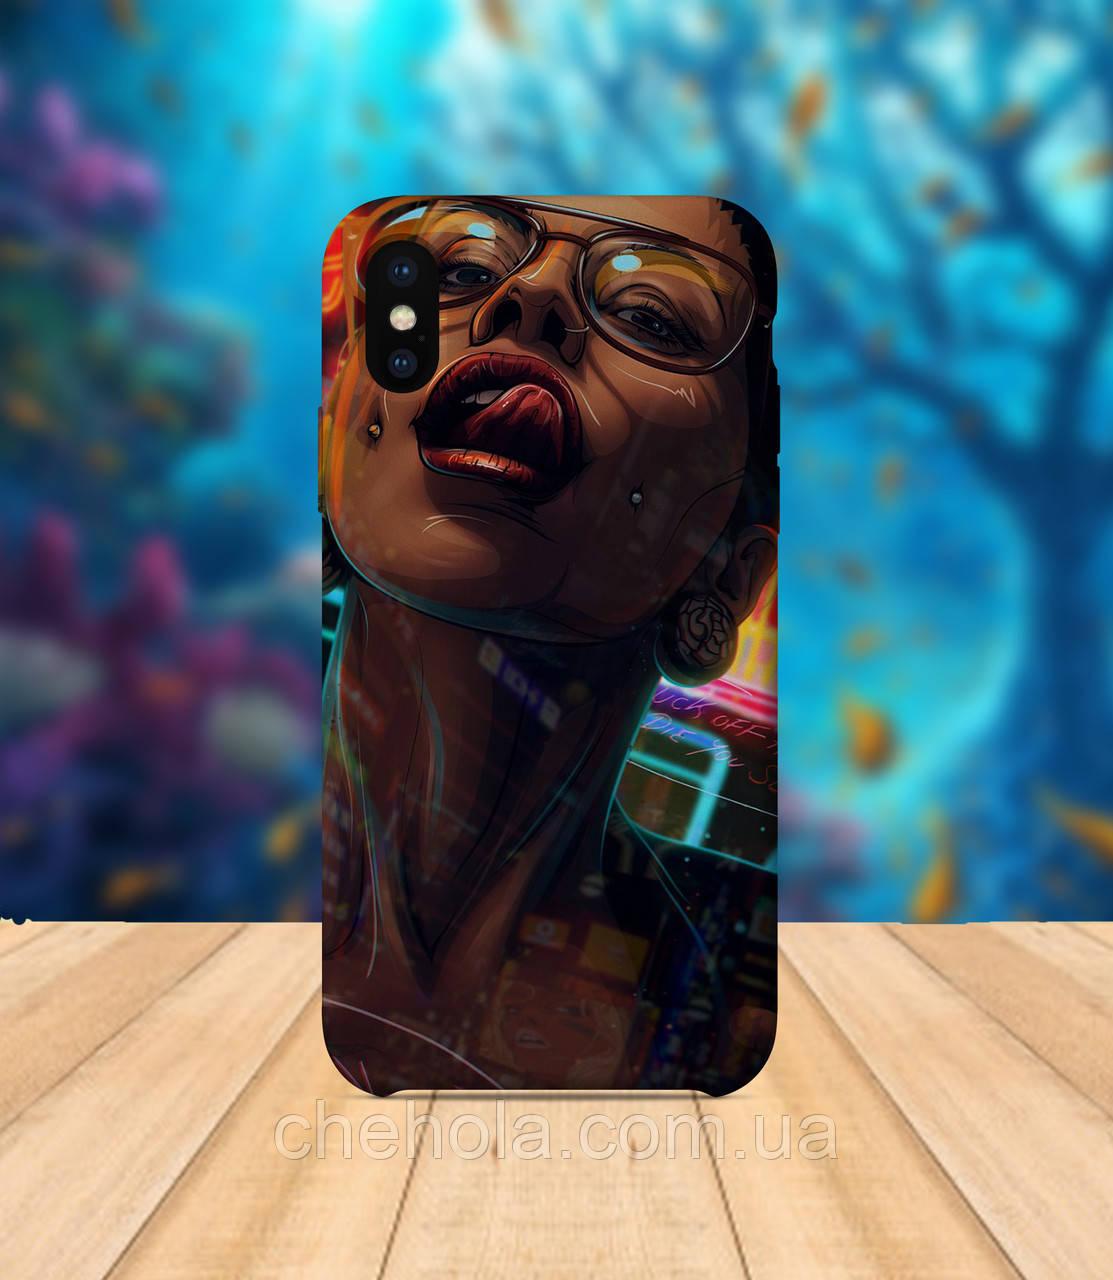 Чохол для apple iphone x XS max Грайлива дівчина чохол з принтом